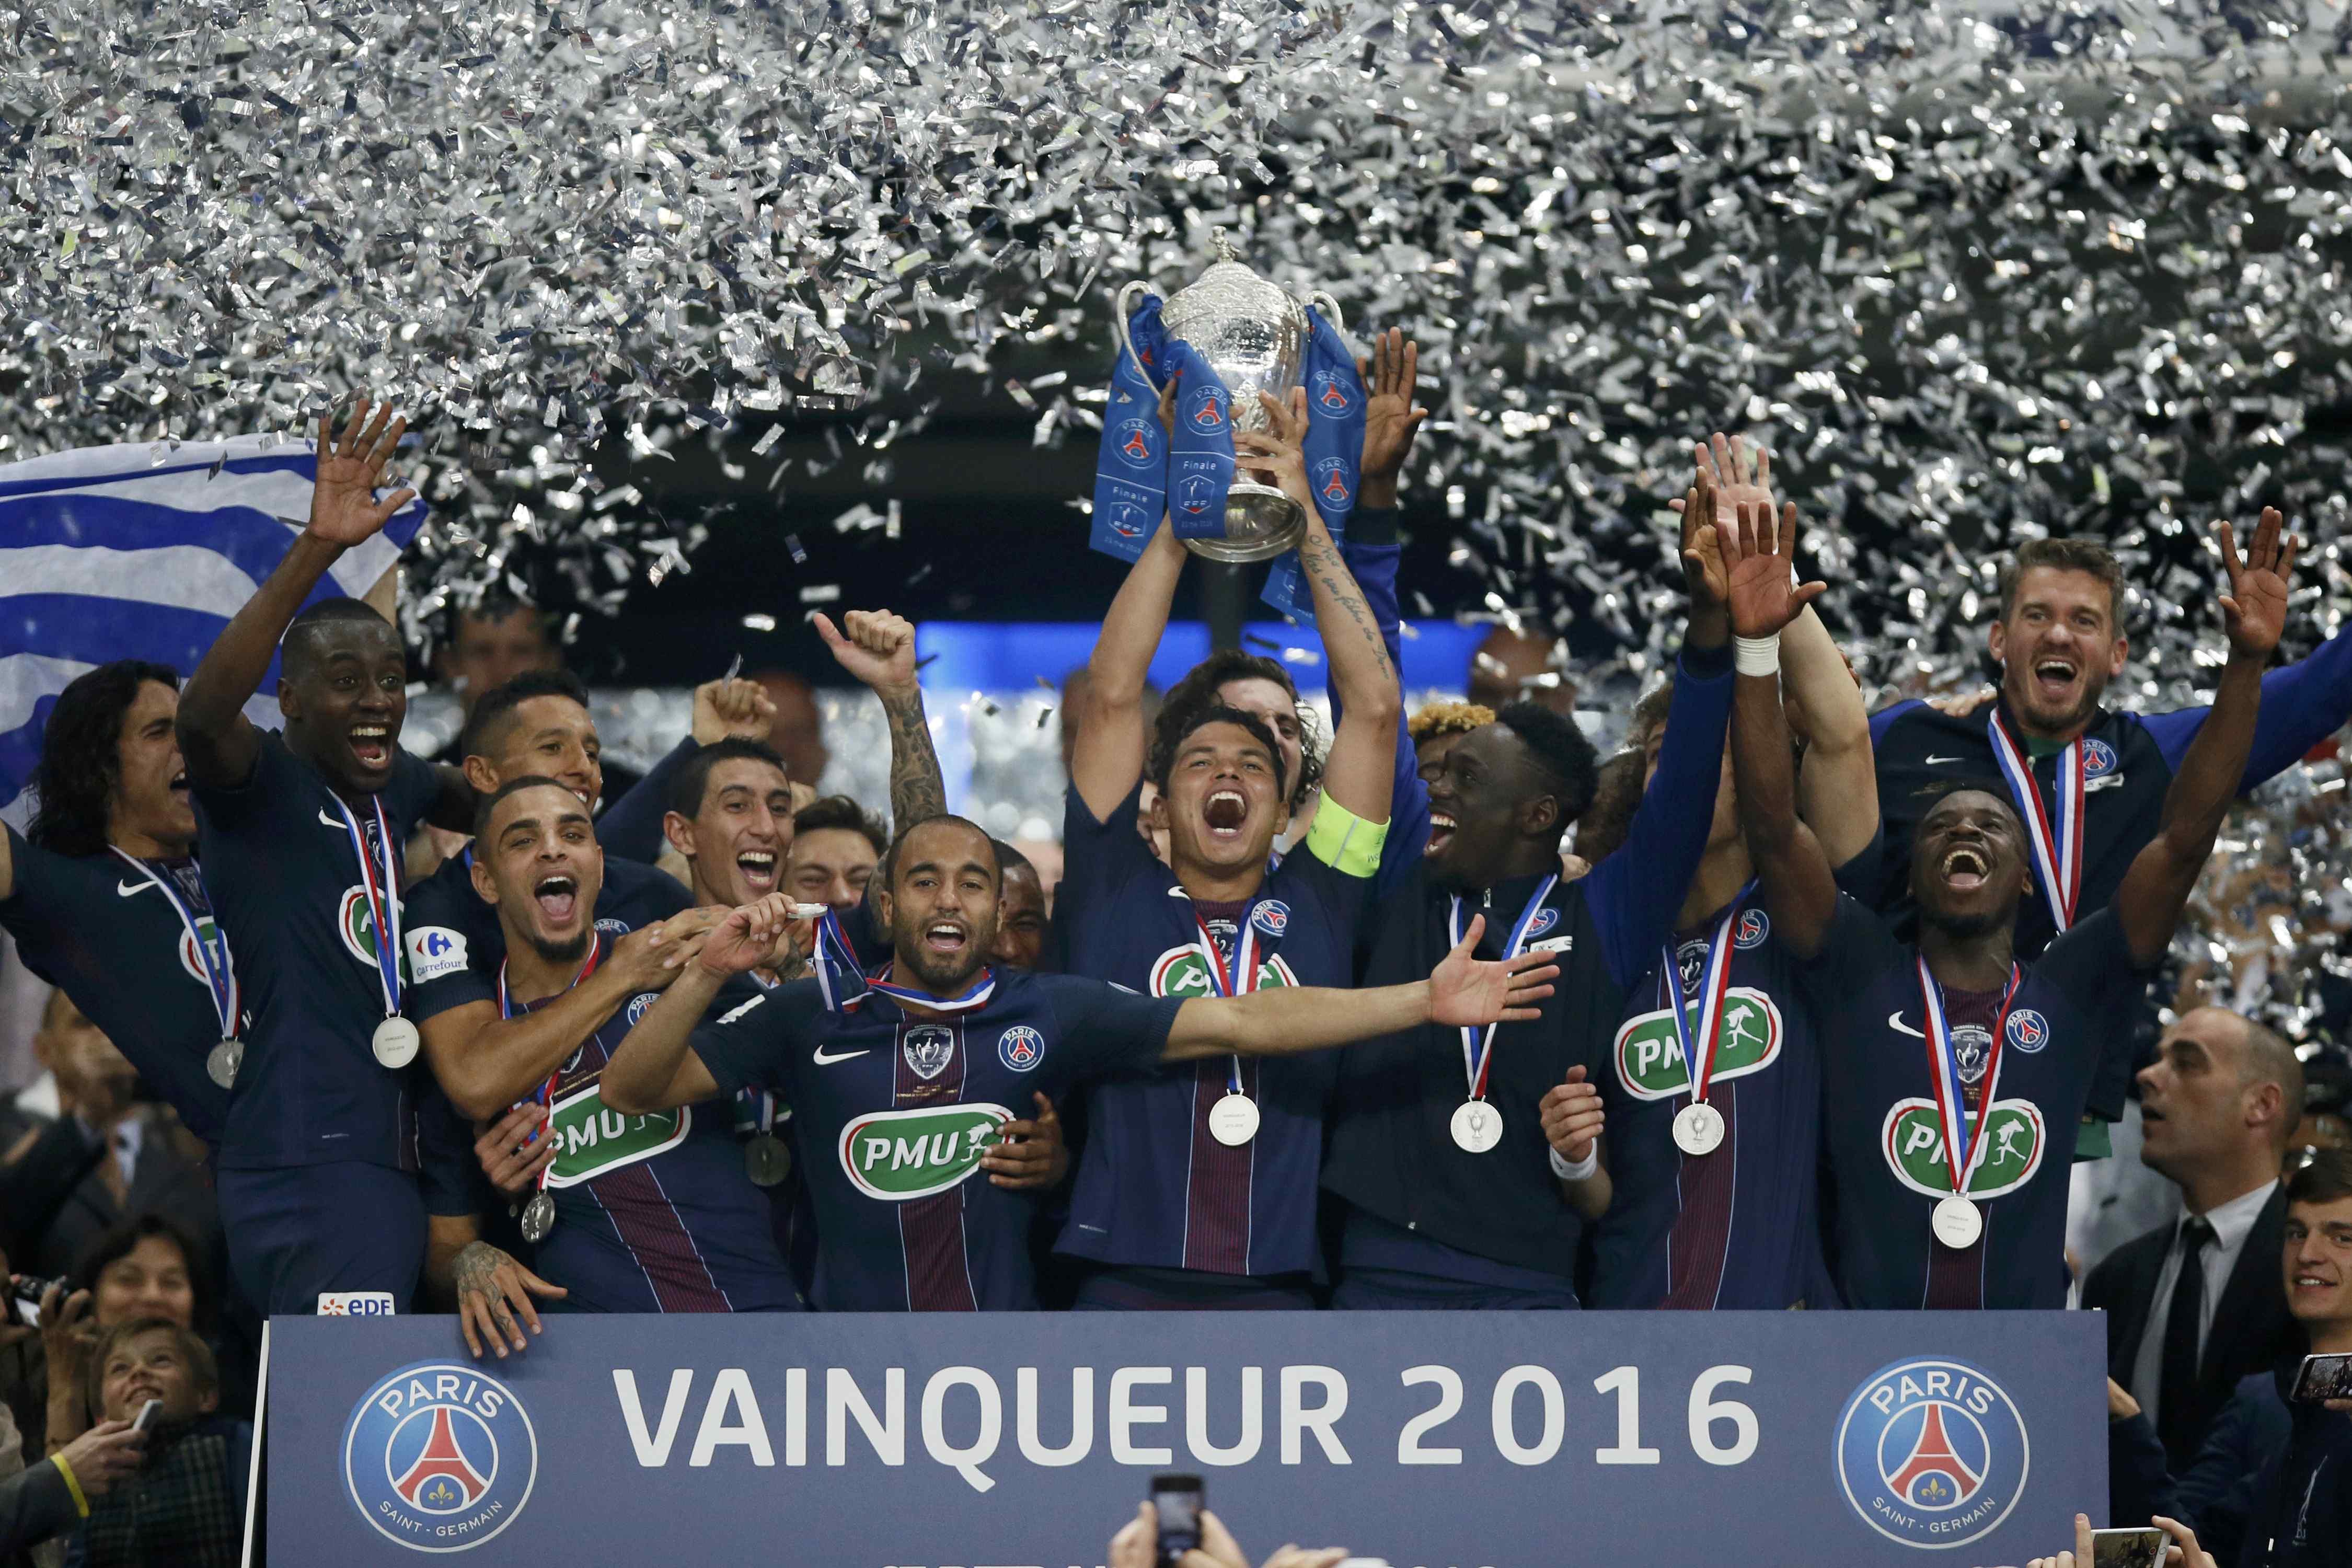 Une 10e coupe de france pour un psg tout puissant coupe - Coupe de france football resultat en direct ...